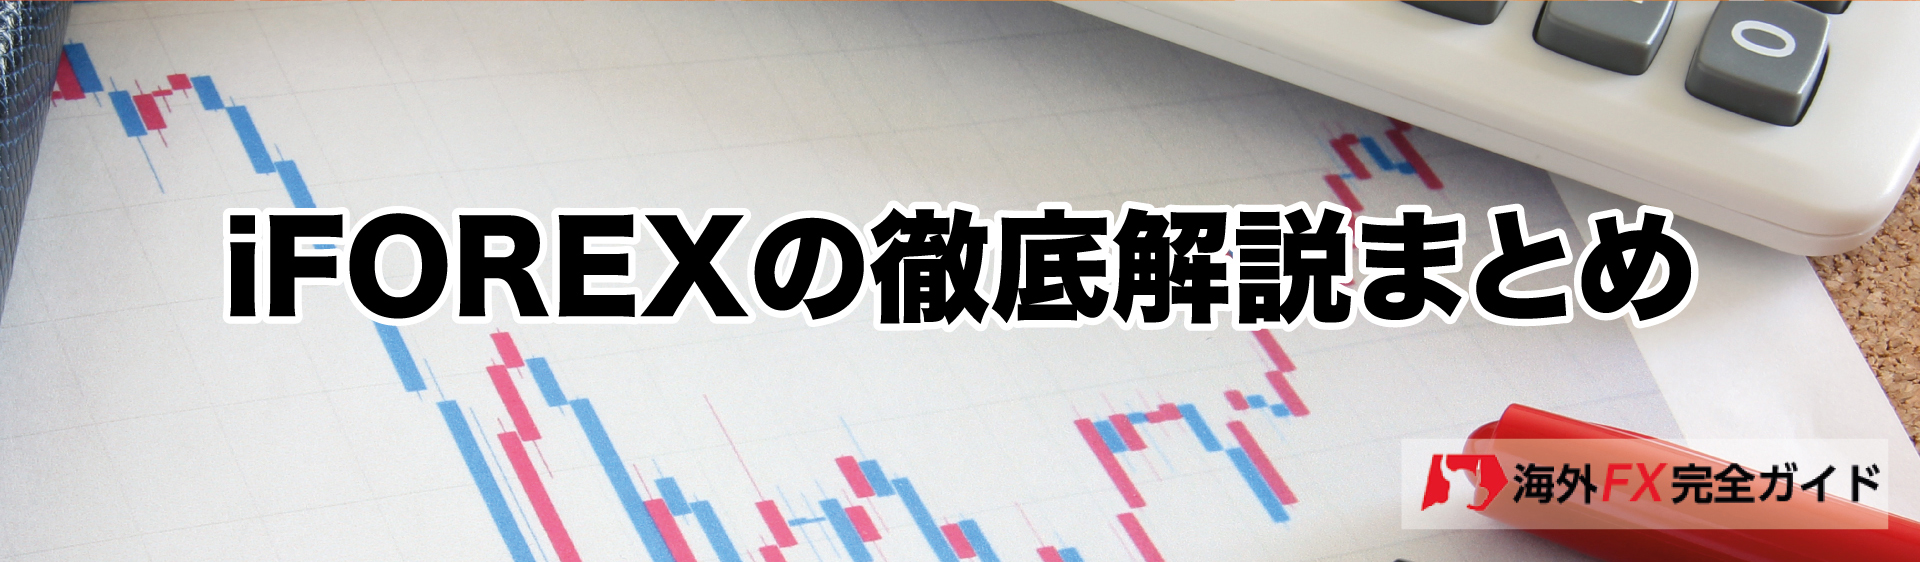 iFOREXを選ぶ基準とメリットデメリットまとめ